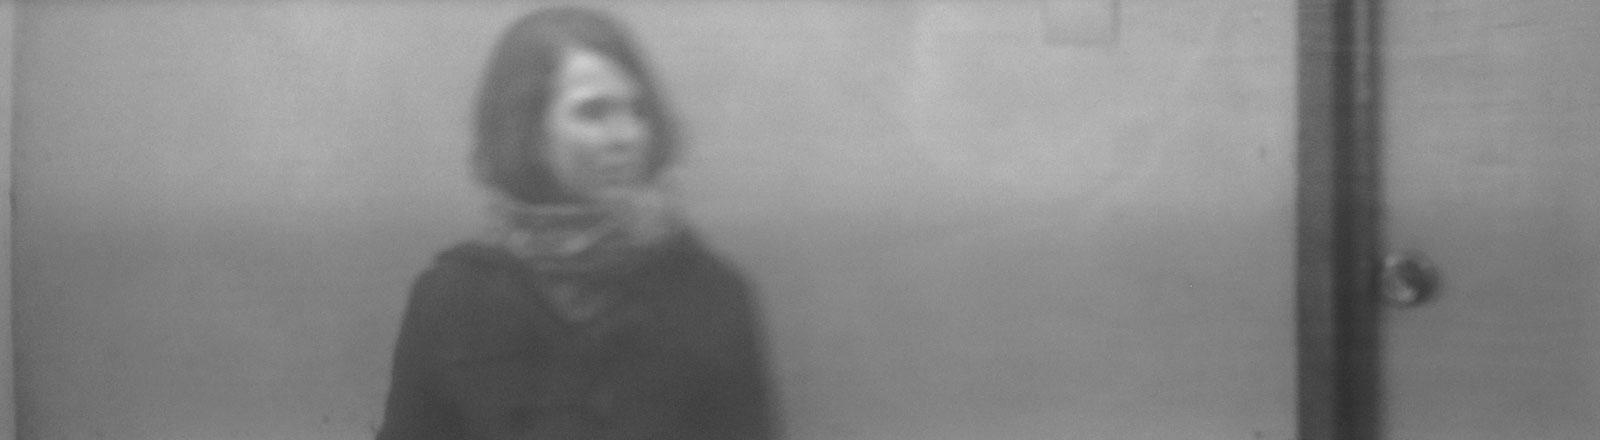 Eine Frau auf einem Schwarz-WEiß-Bild.